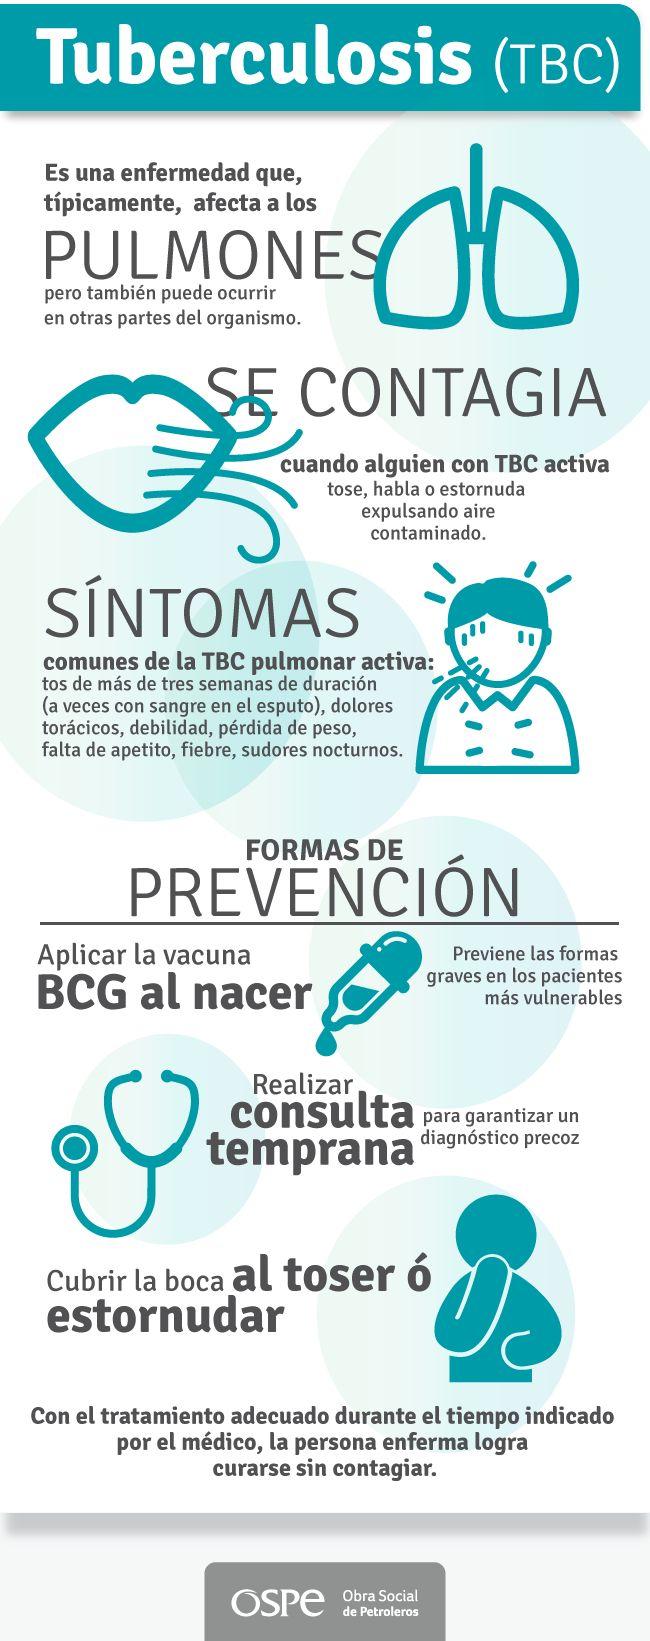 Qué es la tuberculosis, cómo se contagia y cómo prevenirla #Prevencion #OSPe #Infografia